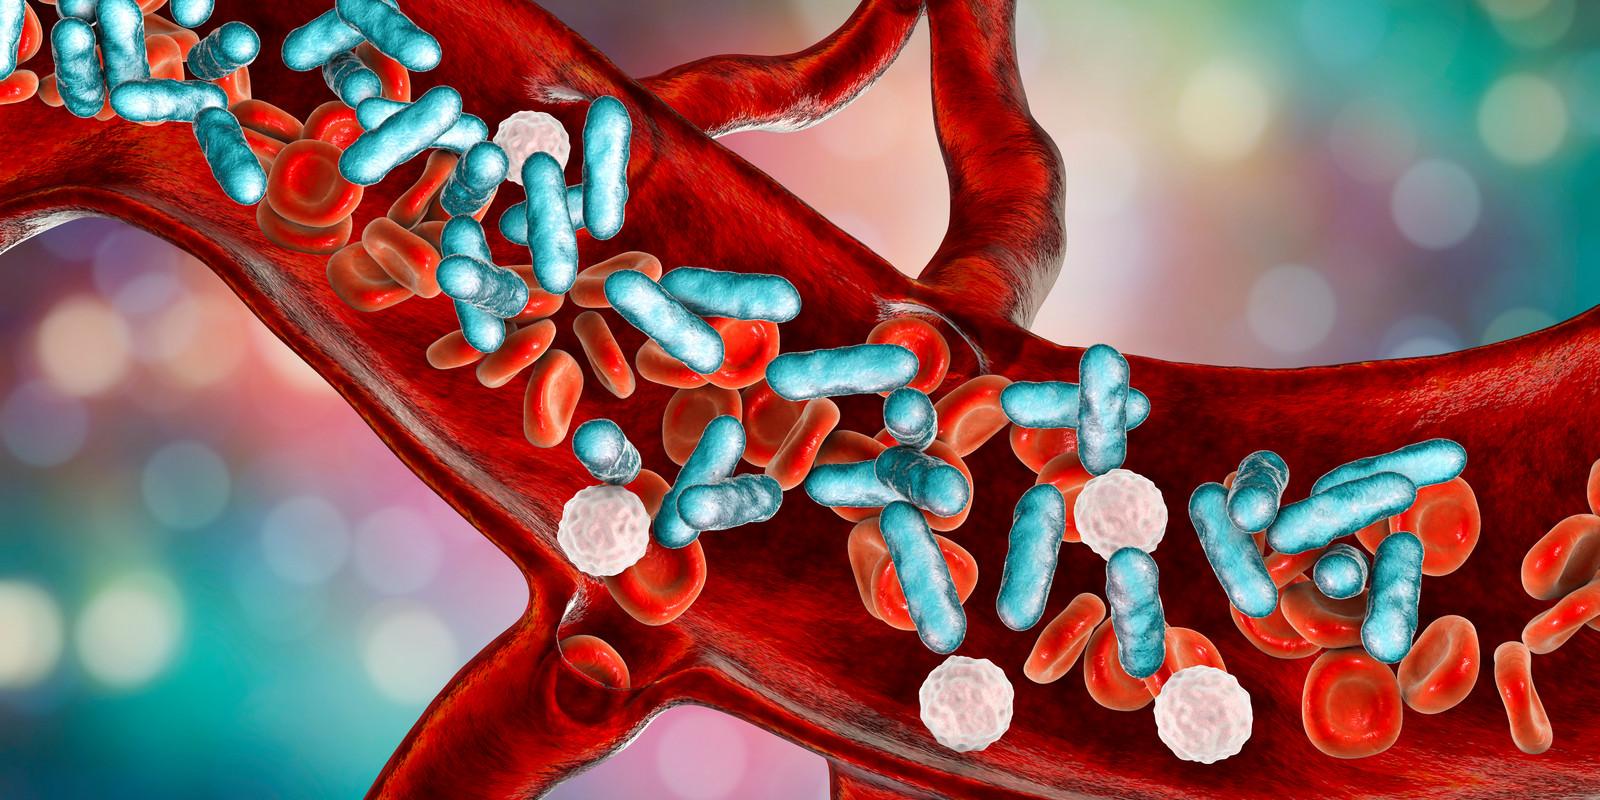 Sepsis ontstaat bij infectie door bacteriën, schimmels en/of virussen in de bloedbaan.